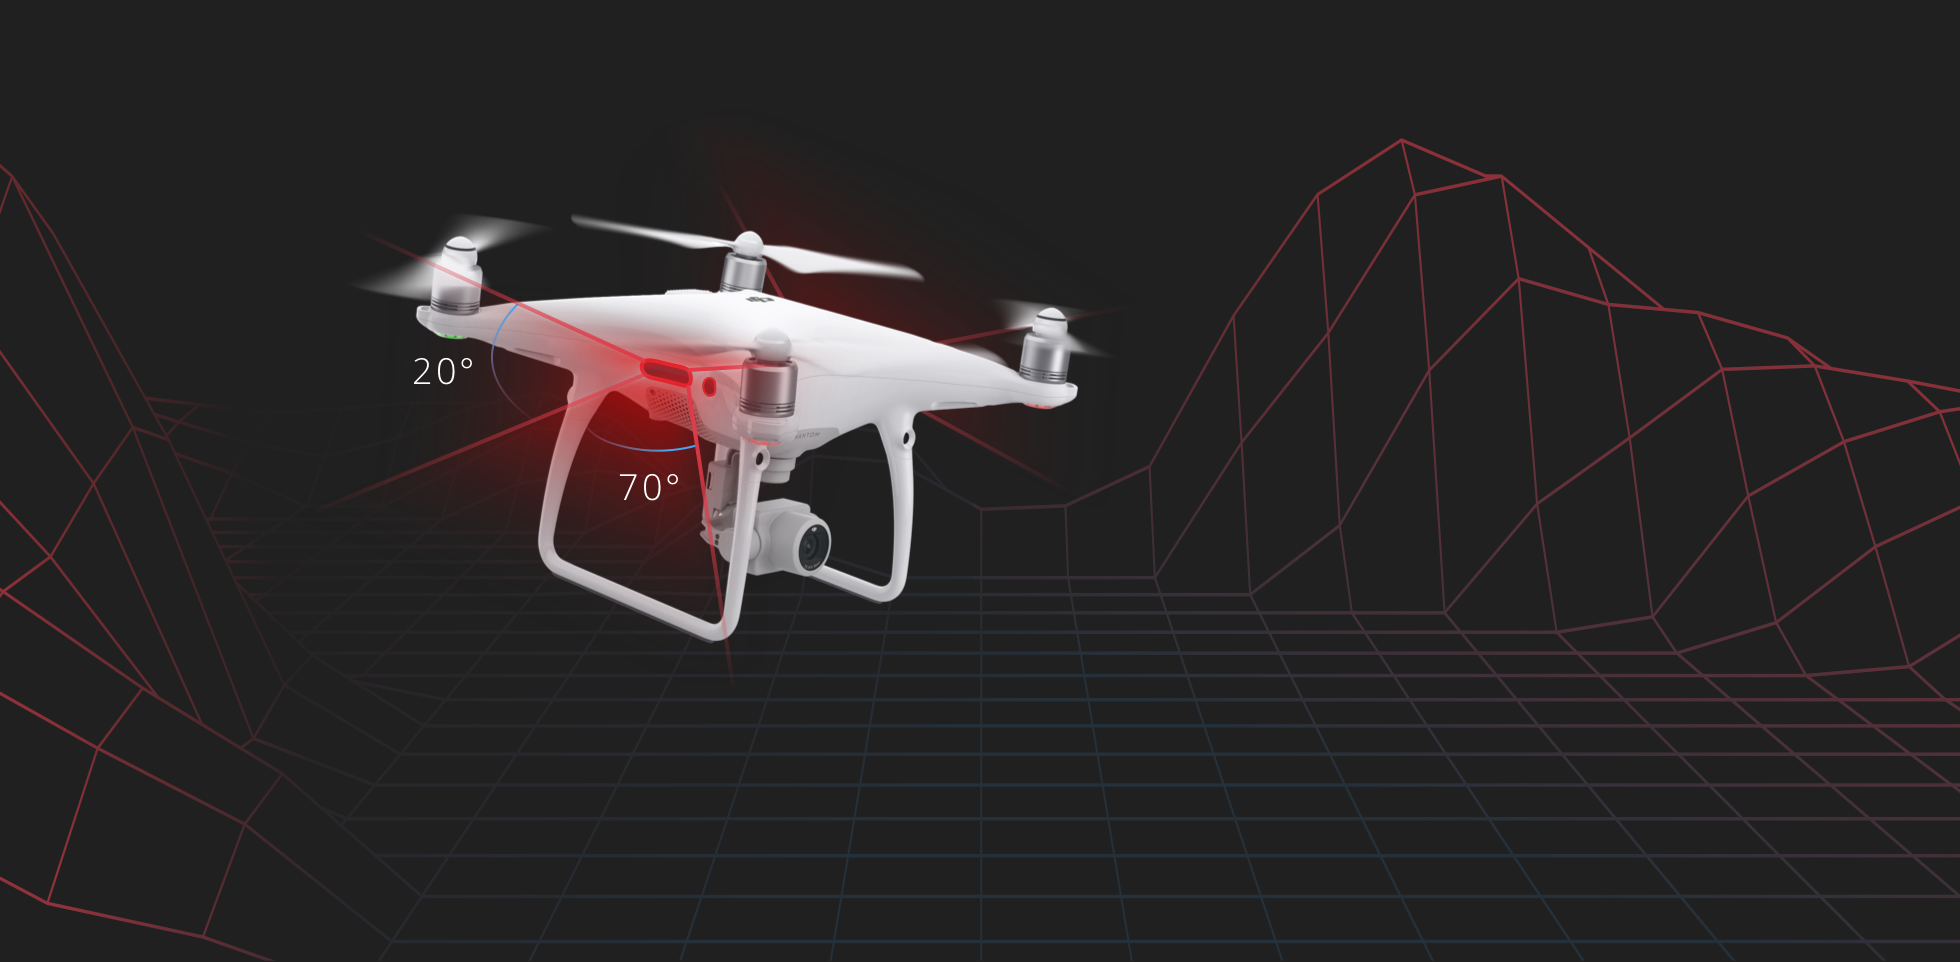 09 精灵Phantom 4 Pro 的机体两侧配备红外感知系统.png